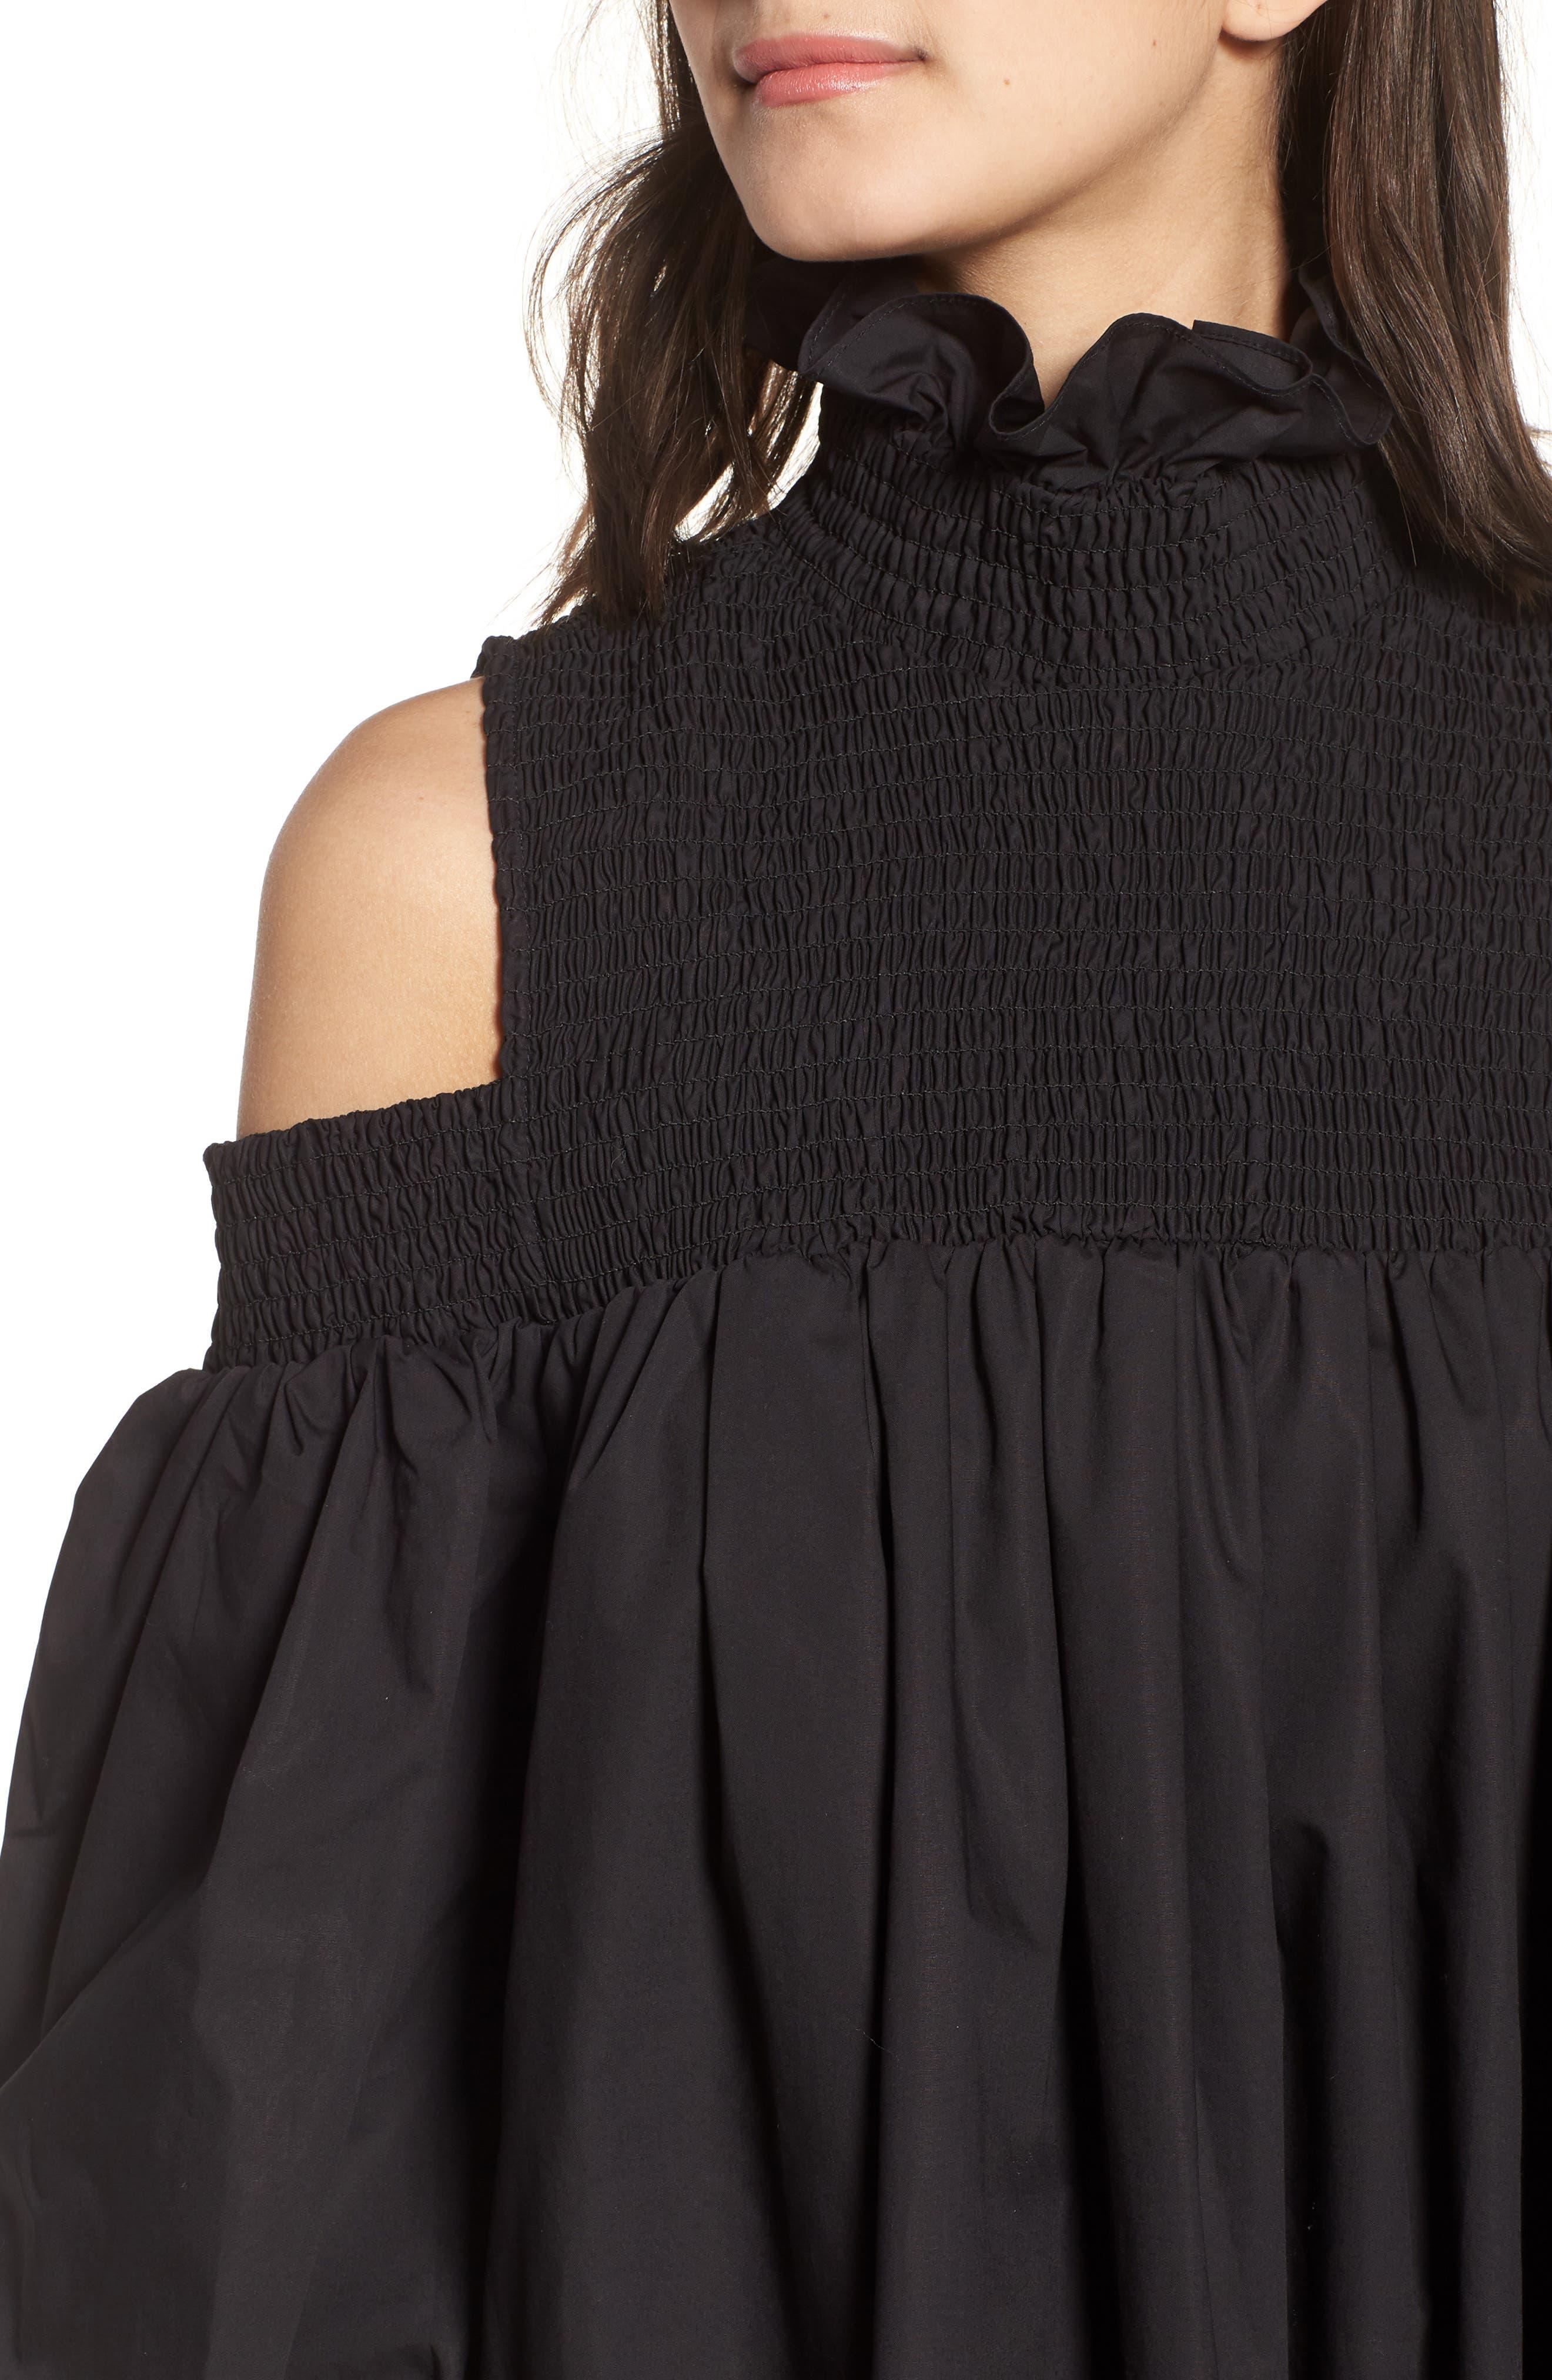 Ivy Cold Shoulder Dress,                             Alternate thumbnail 4, color,                             001